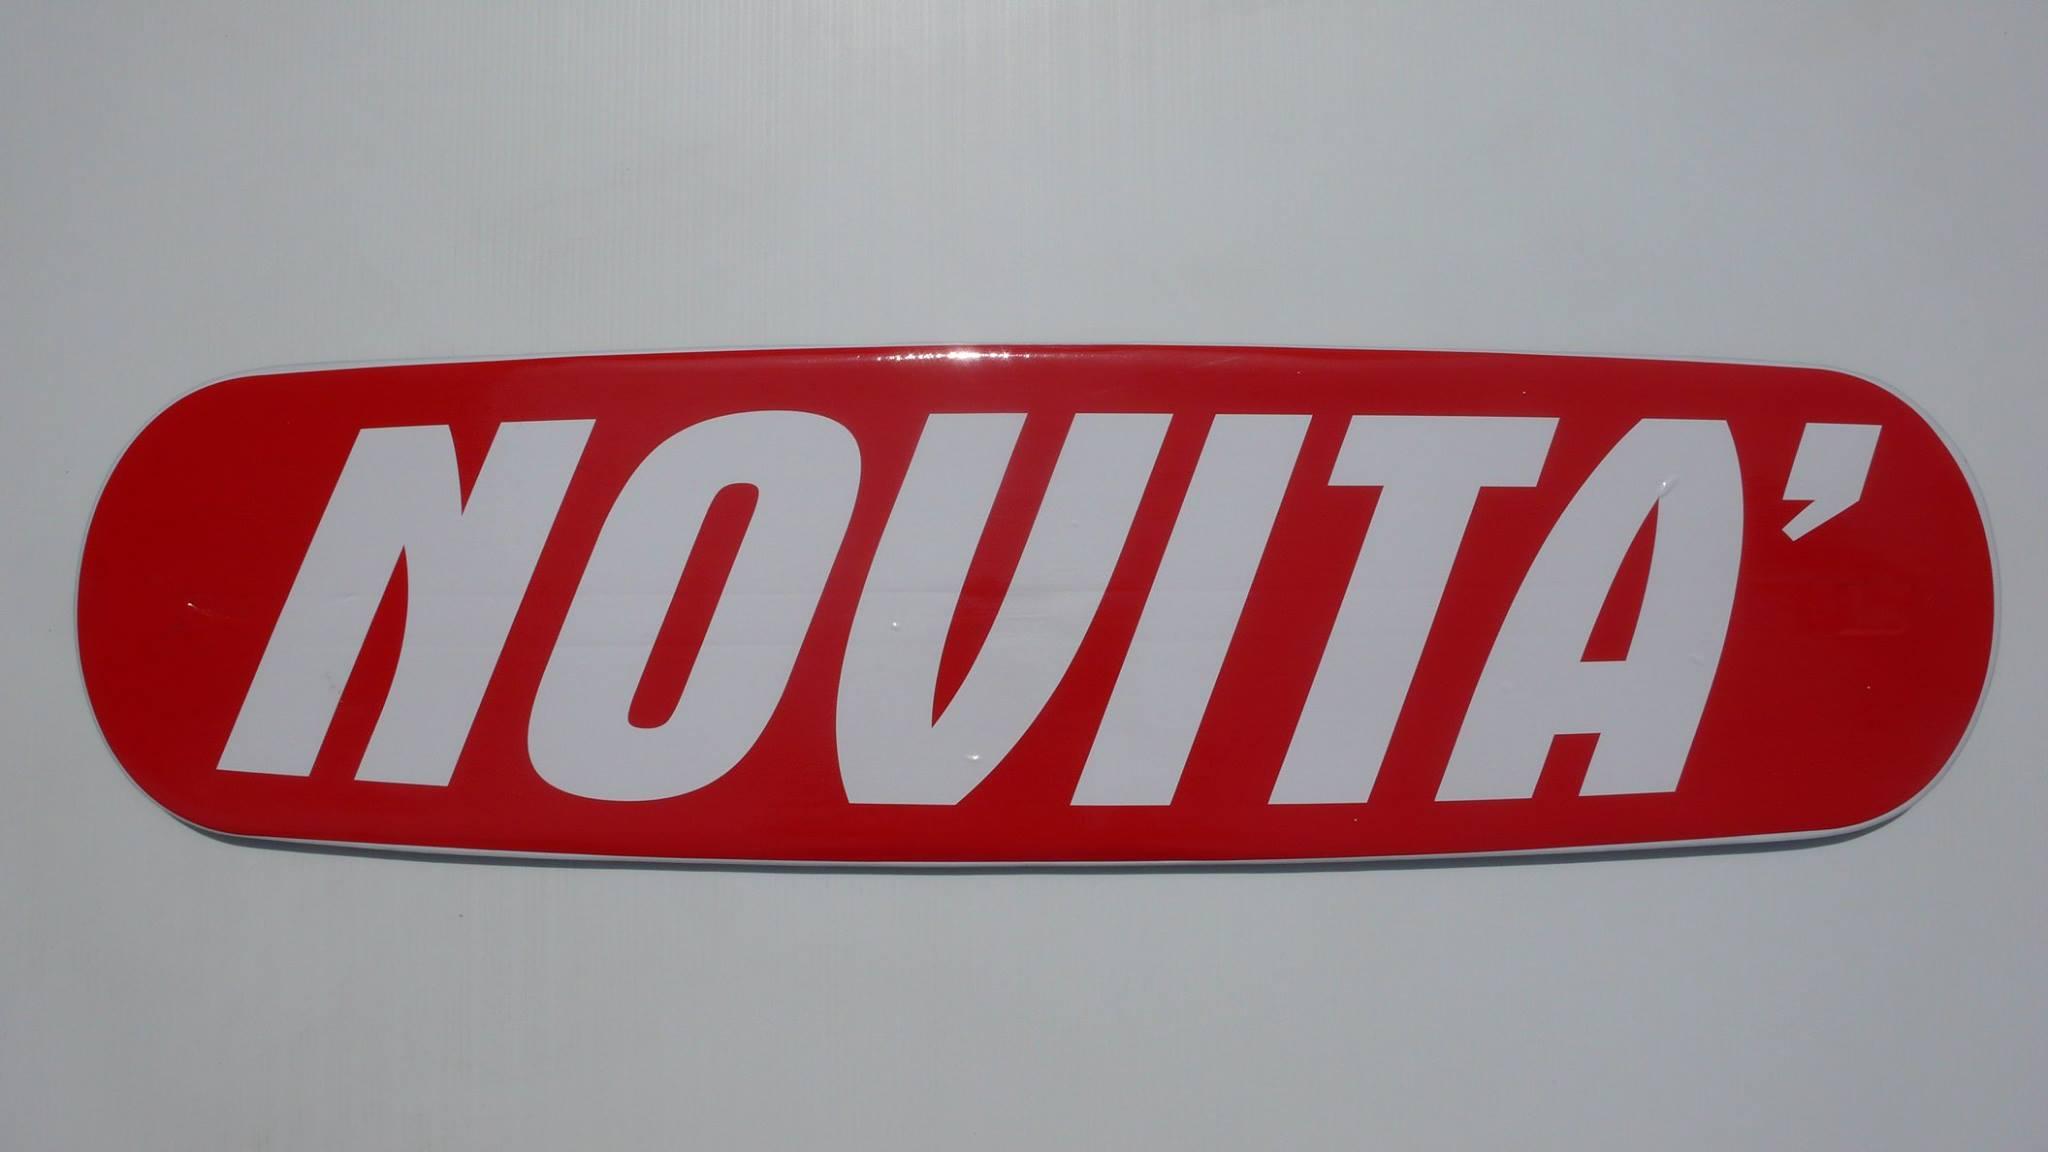 scritte magnetiche novità sfondo rosso scritta bianca www.g-trapper.com